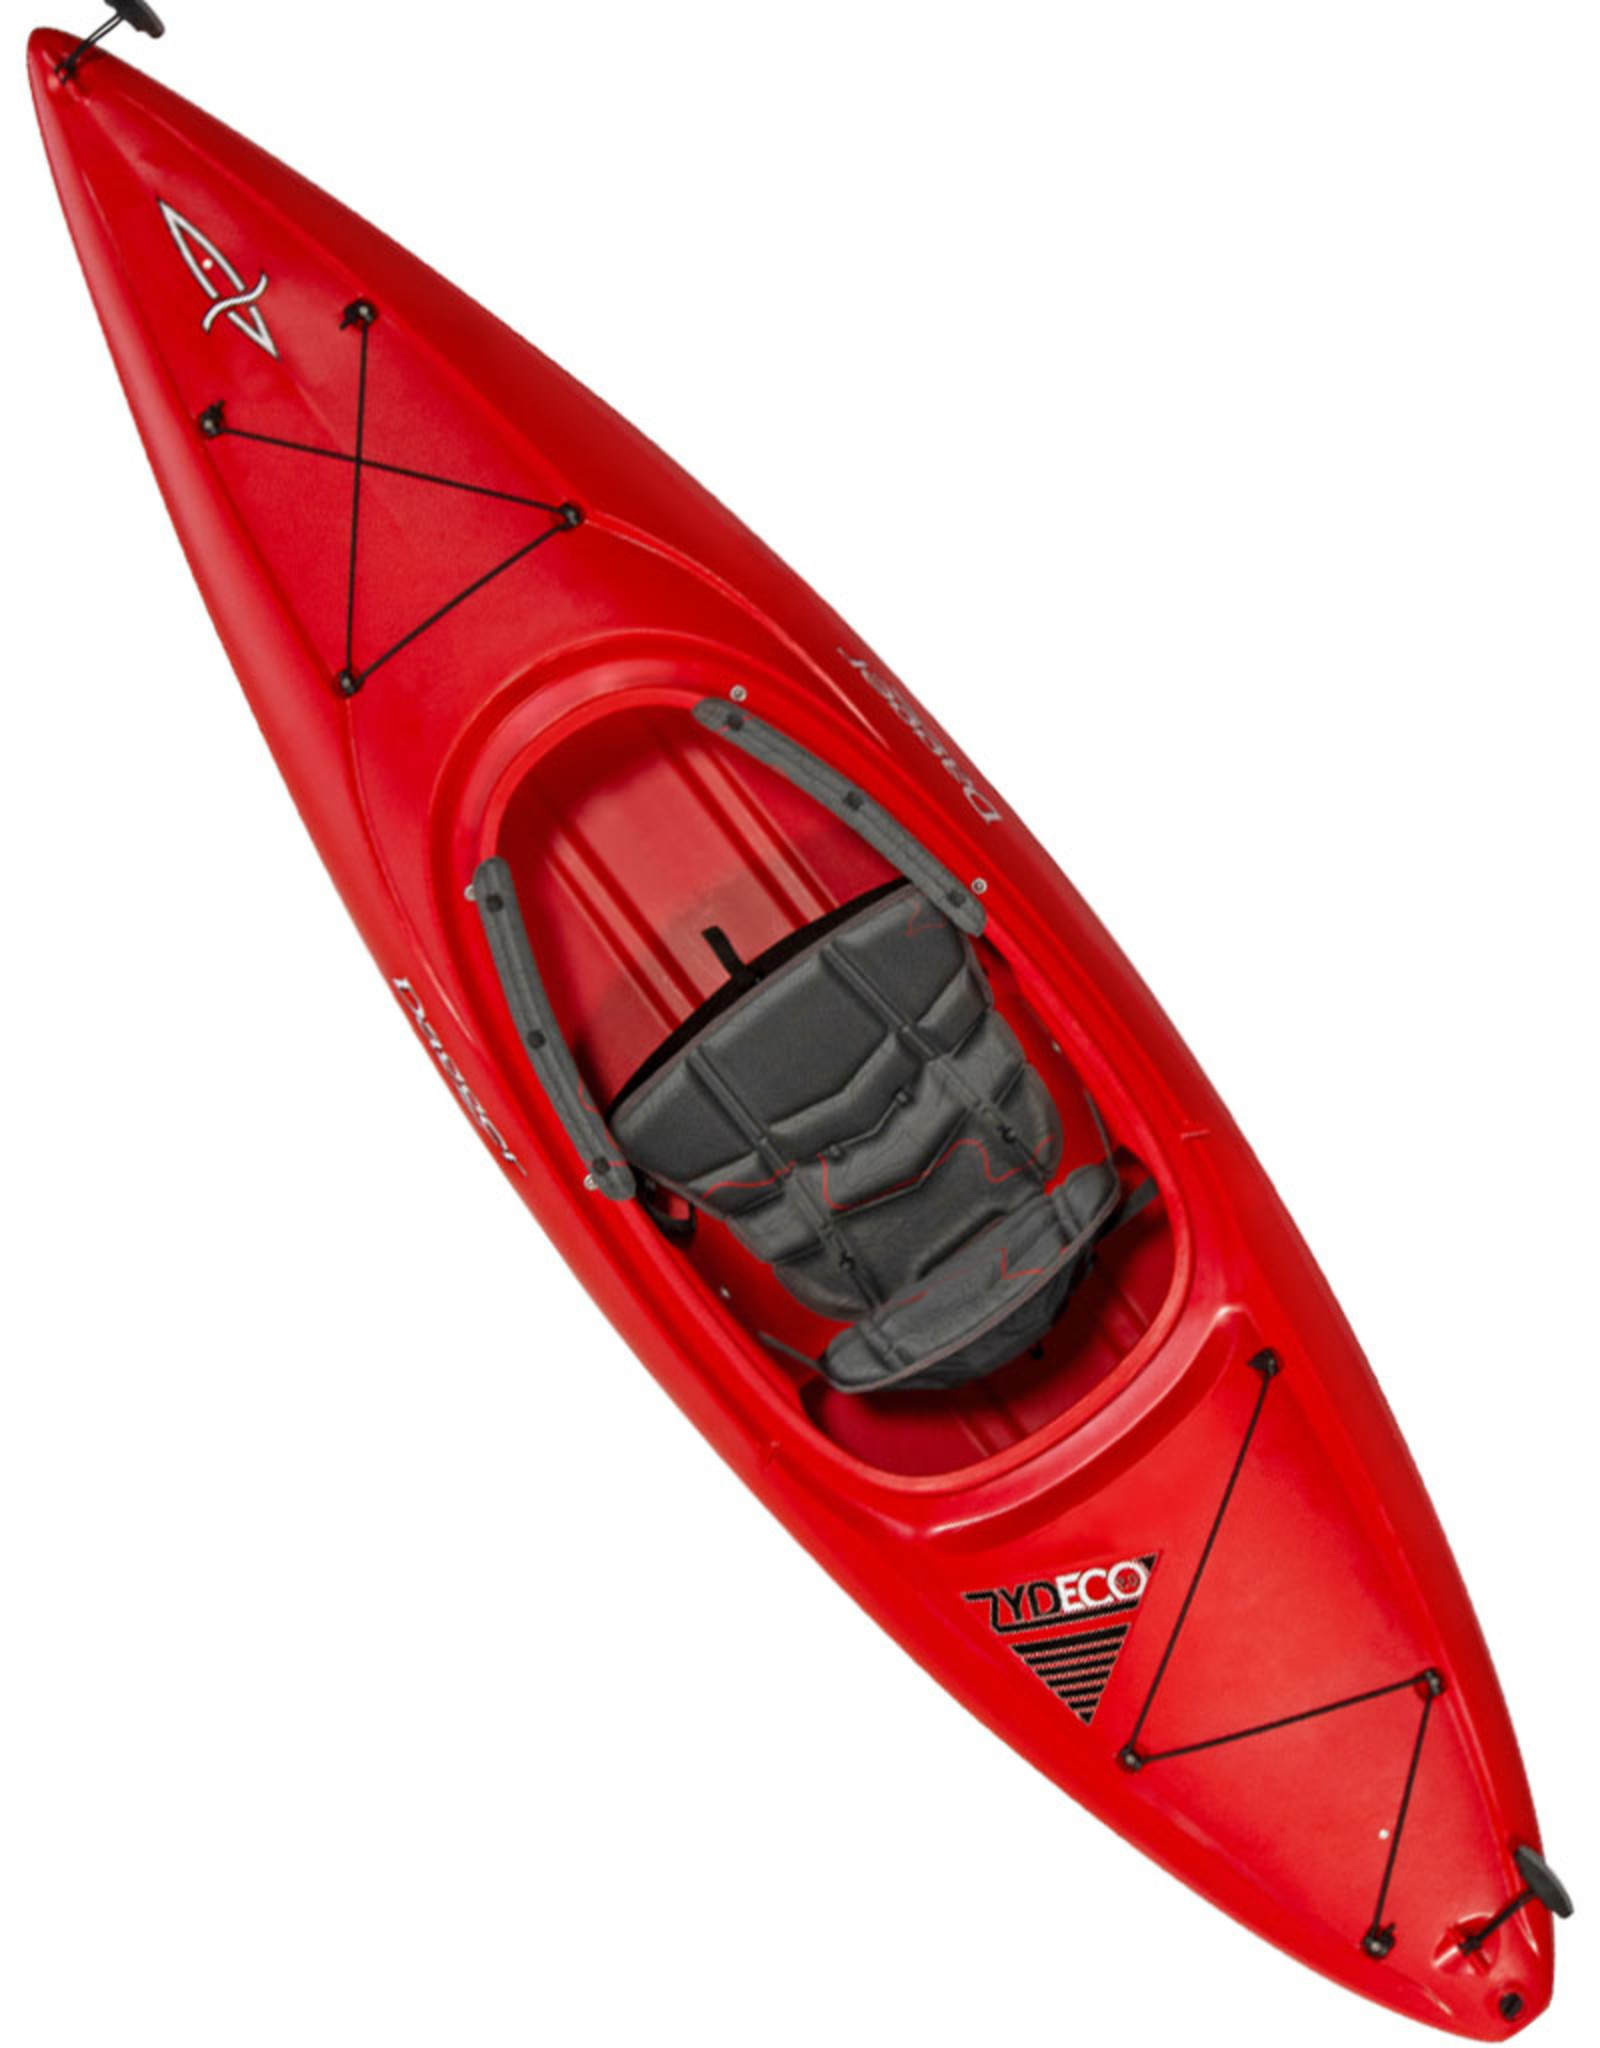 Dagger Kayaks Dagger Zydeco Flatwater Kayak